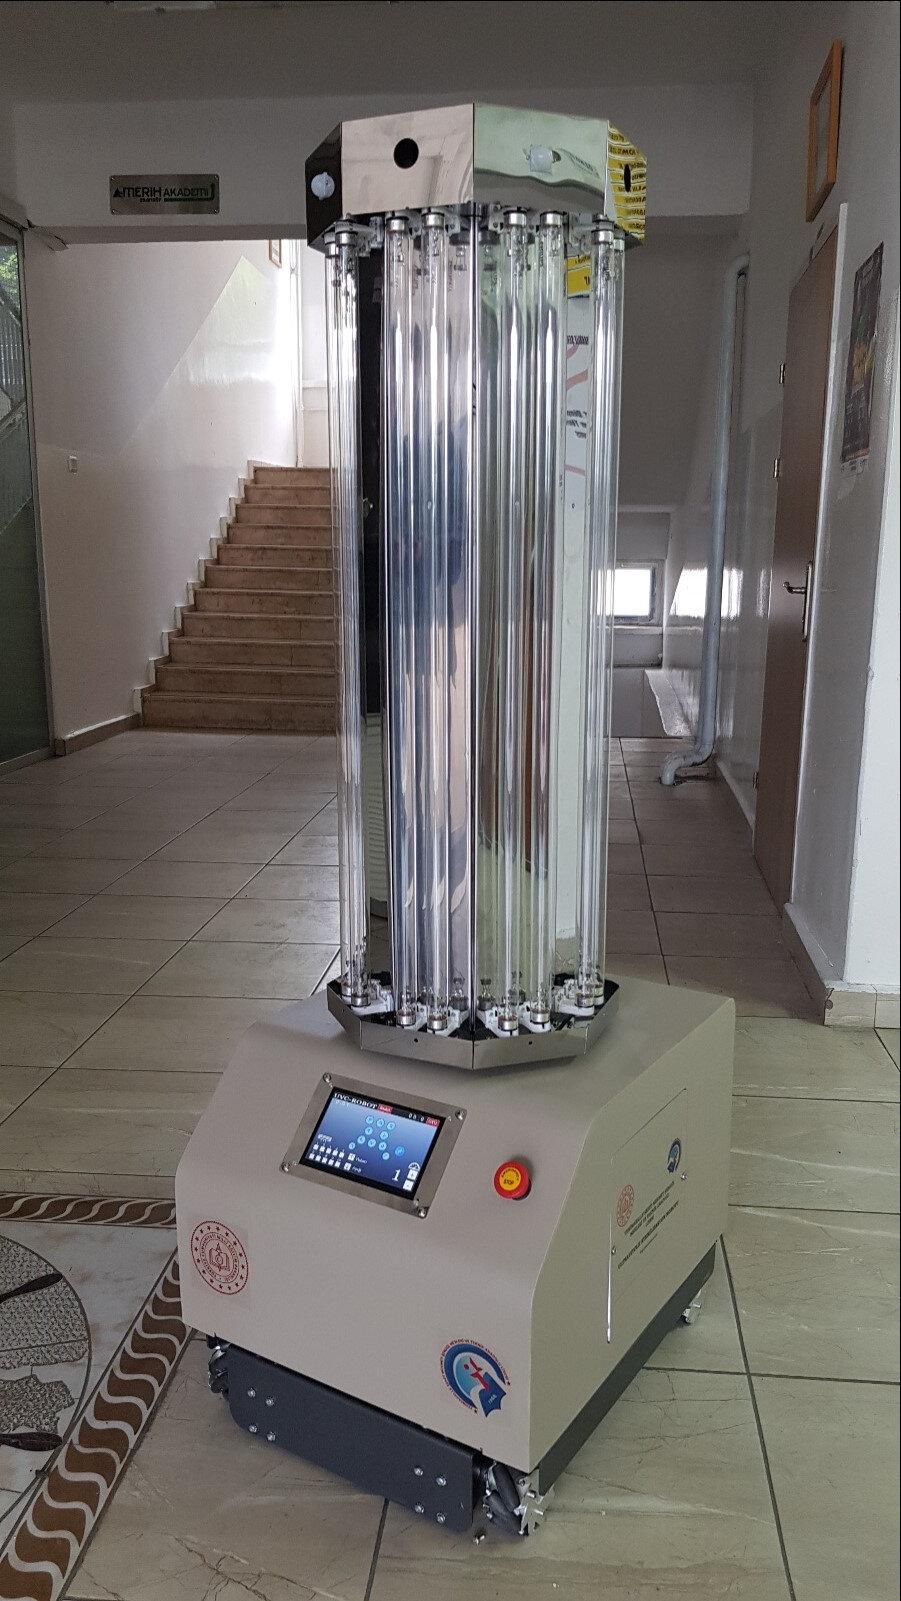 Yenimahalle Şehit Mehmet Şengül Mesleki ve Teknik Anadolu Lisesi'nin geliştirdiği robot.